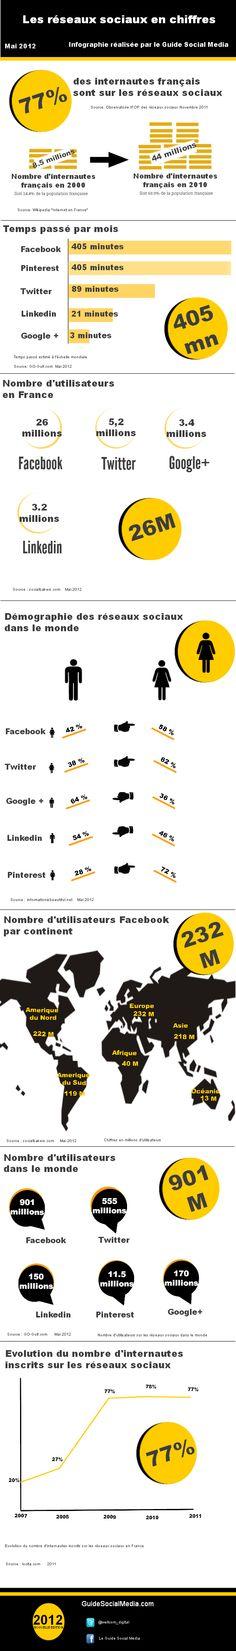 Les réseaux sociaux en chiffres : mai 2012